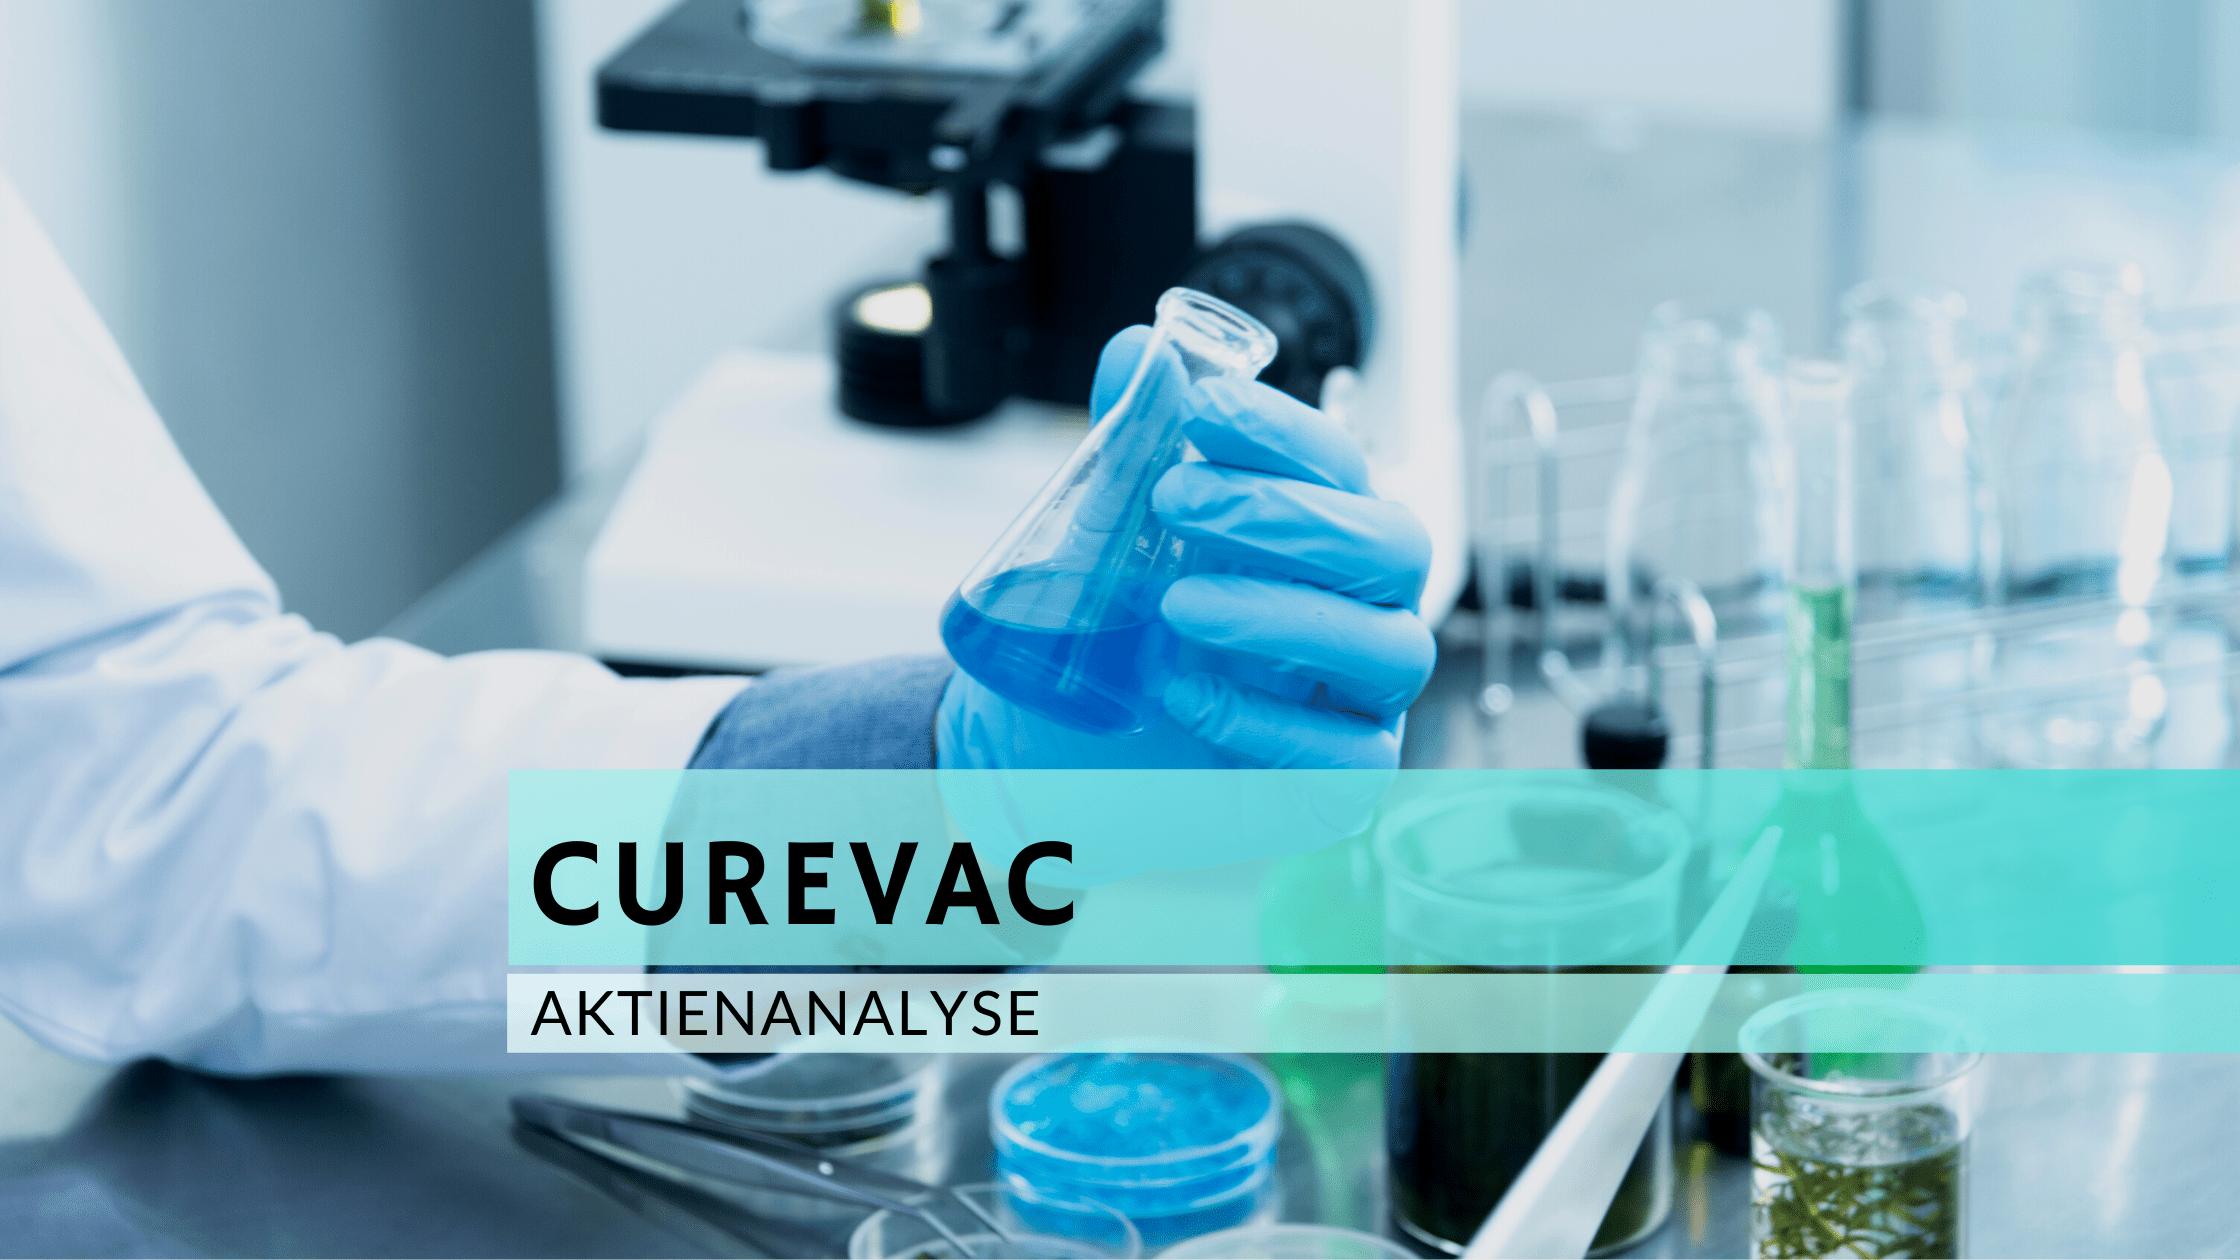 Curevac Aktienanalyse